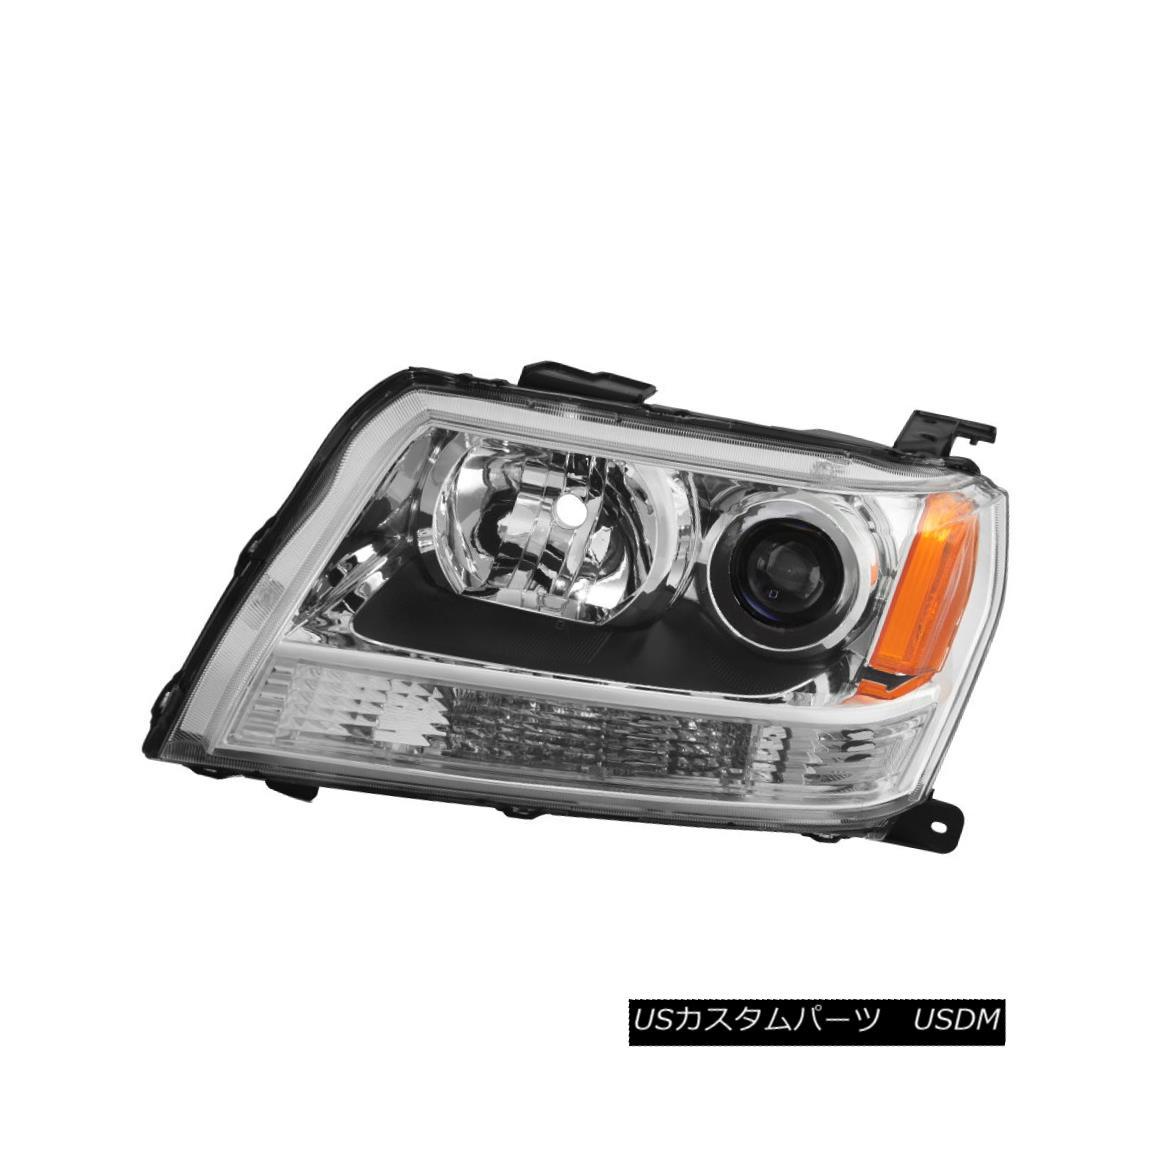 ヘッドライト Suzuki 06-08 Grand Vitara Replacement Headlight Driver / Left Side Lamp スズキ06-08 Grand Vitara交換ヘッドライトドライバー/左サイドランプ